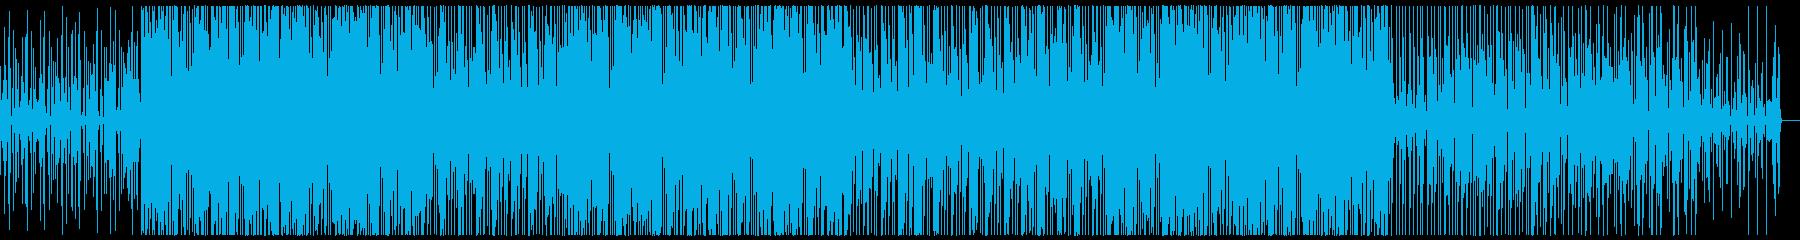 Terniの再生済みの波形